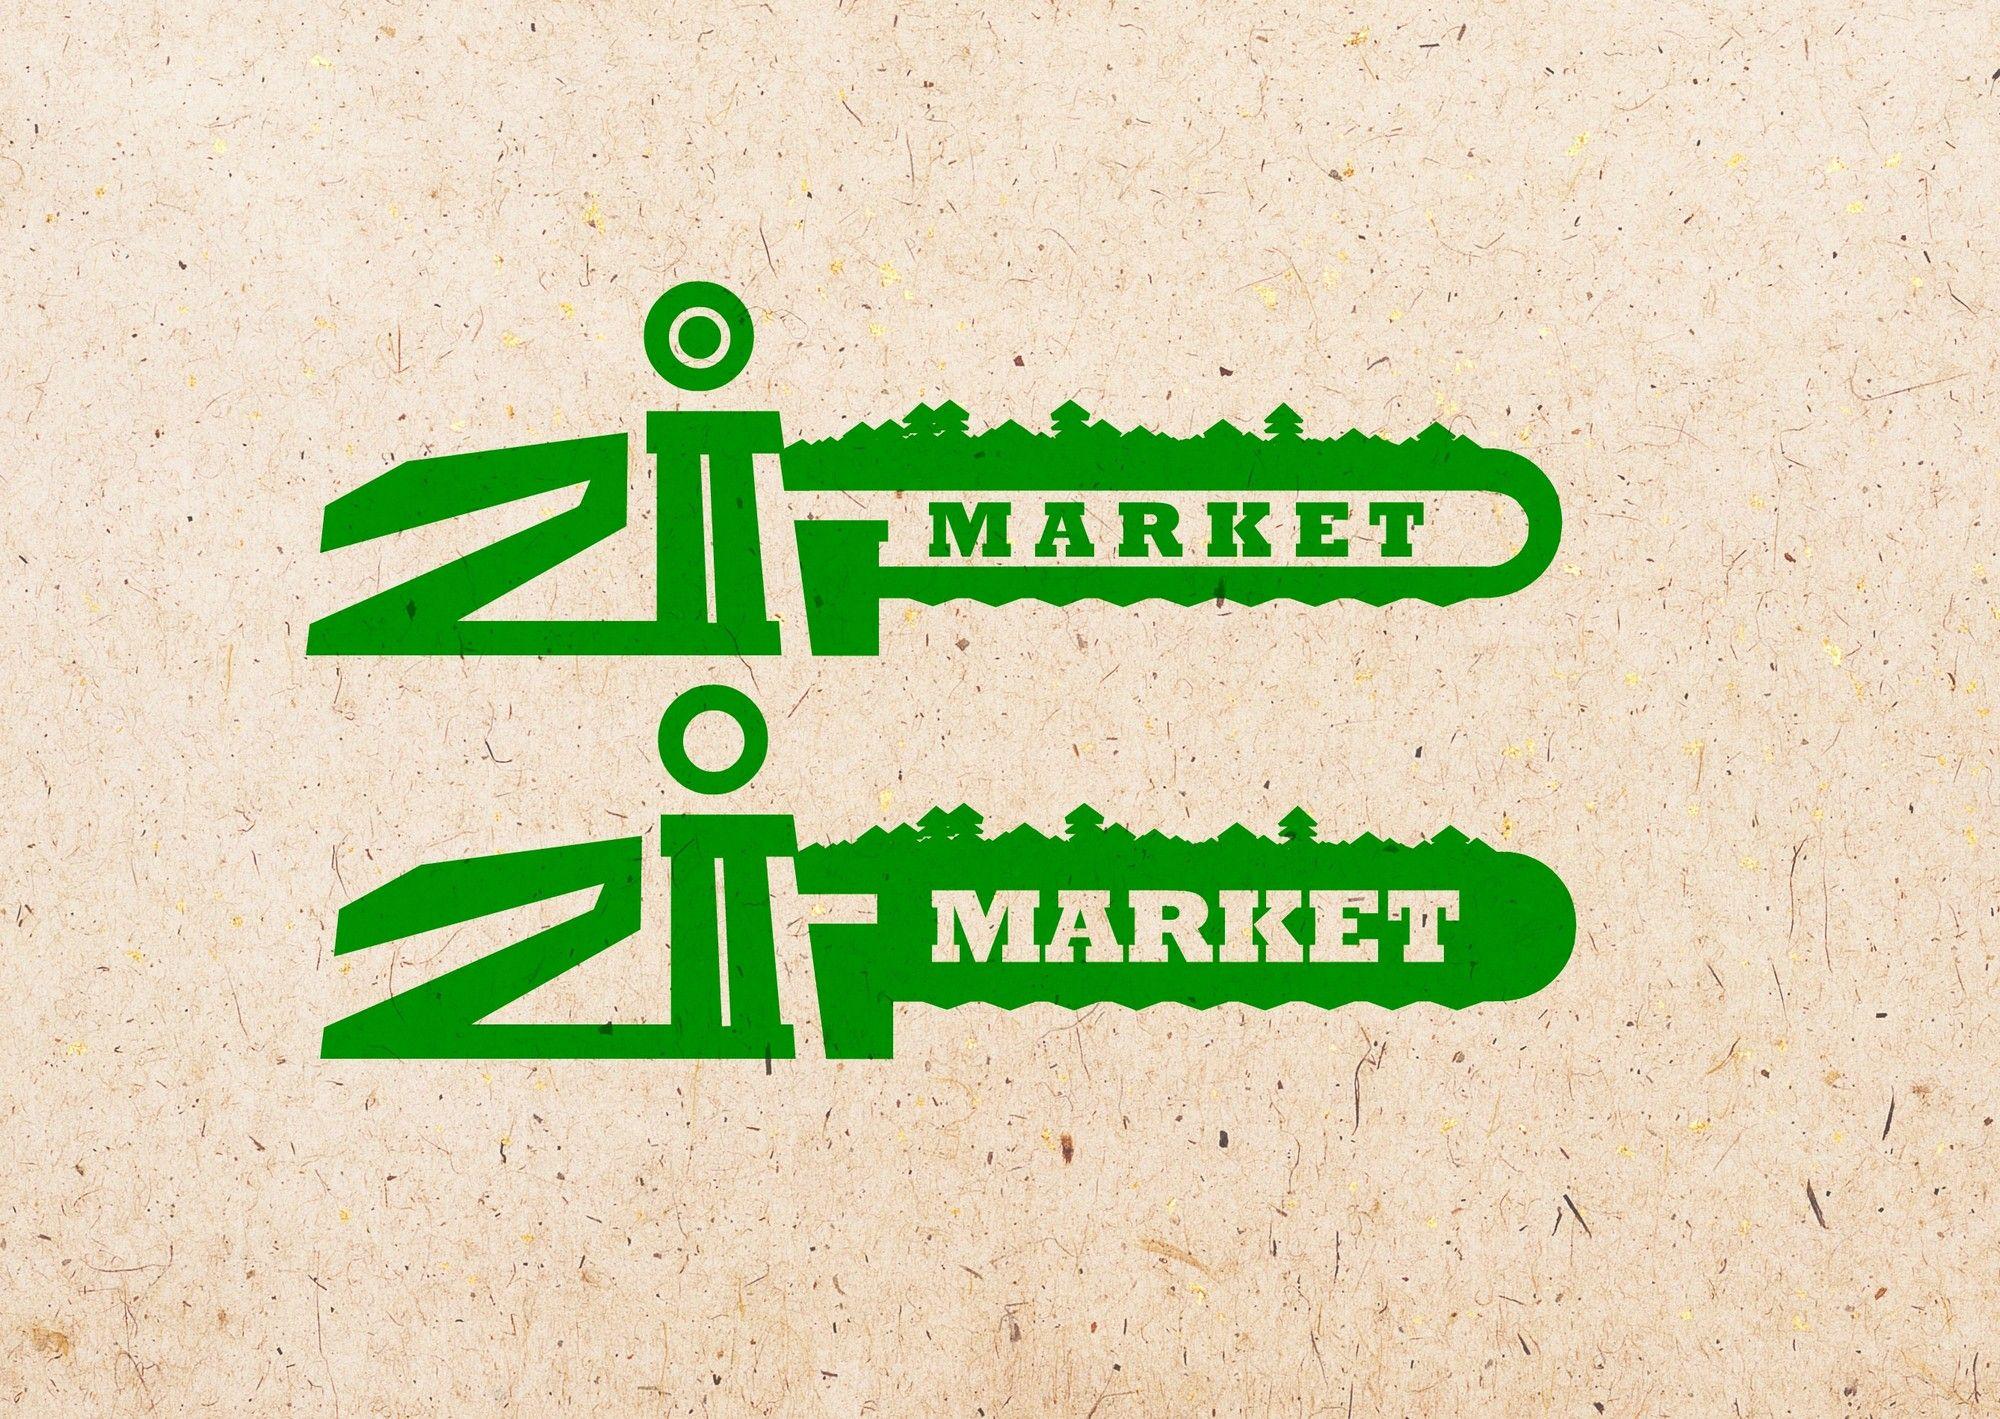 Логотип и ФС для ZIP Market - дизайнер ooragela